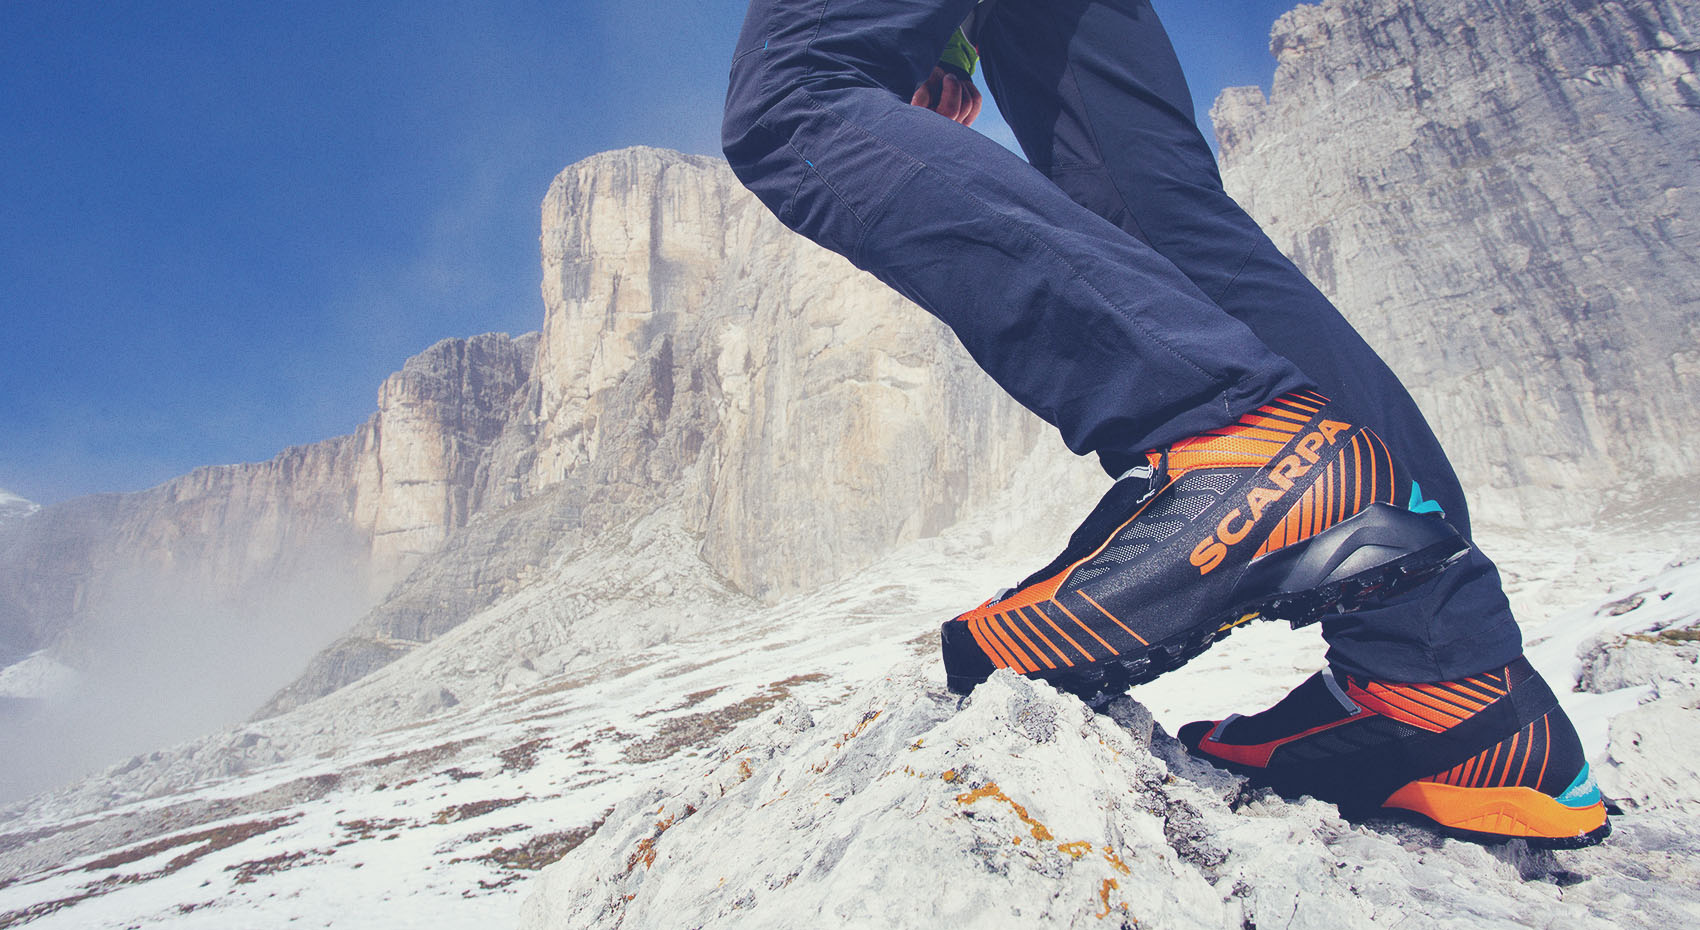 Chaussures Basses Dolomite Dolomite De De Basses Dolomite Randonnée Chaussures Chaussures Randonnée De Randonnée 354qjLcRA